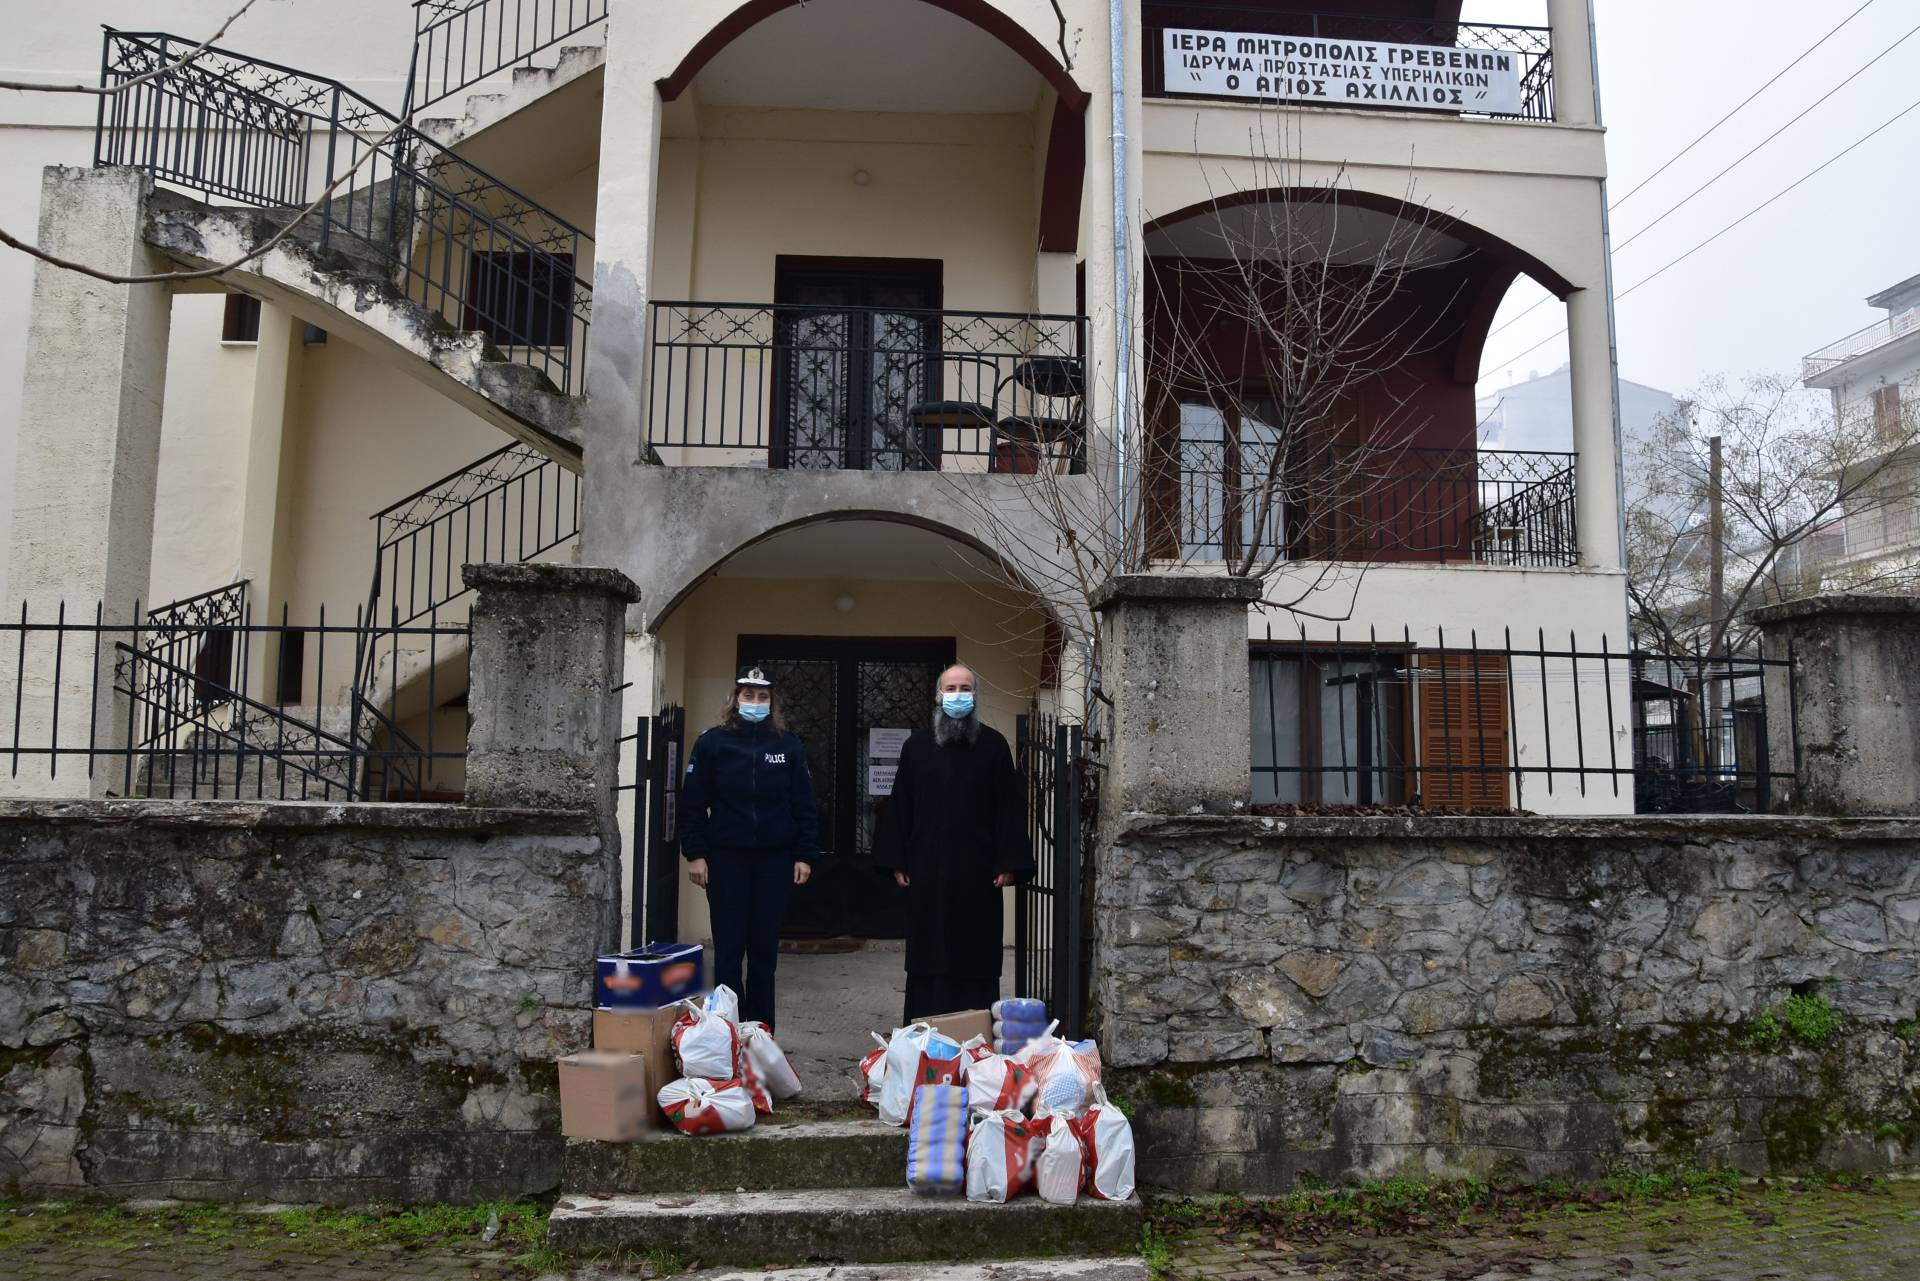 Οι Αστυνομικές Υπηρεσίες της Δυτικής Μακεδονίας συγκέντρωσαν εθελοντικά διάφορα είδη, τα οποία προσφέρθηκαν σε Ιδρύματα και φορείς